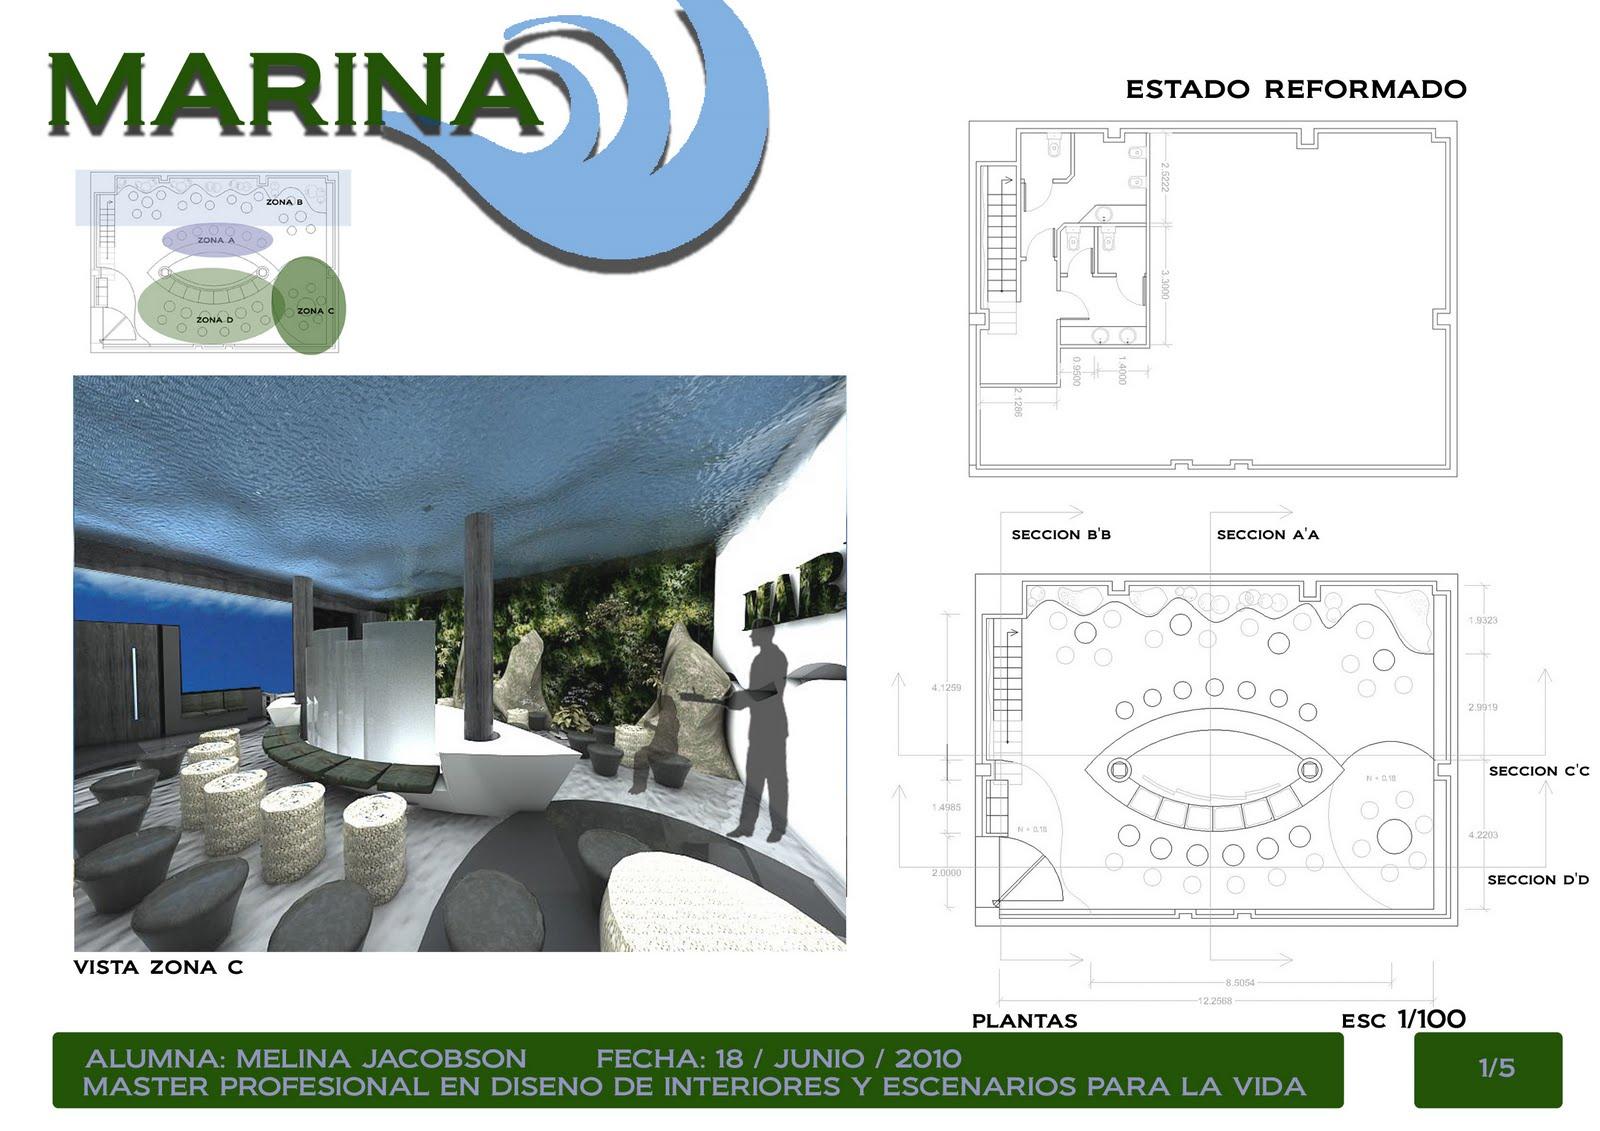 Arq melina jacobson proyecto final dise o de interiores - Proyecto diseno de interiores ...